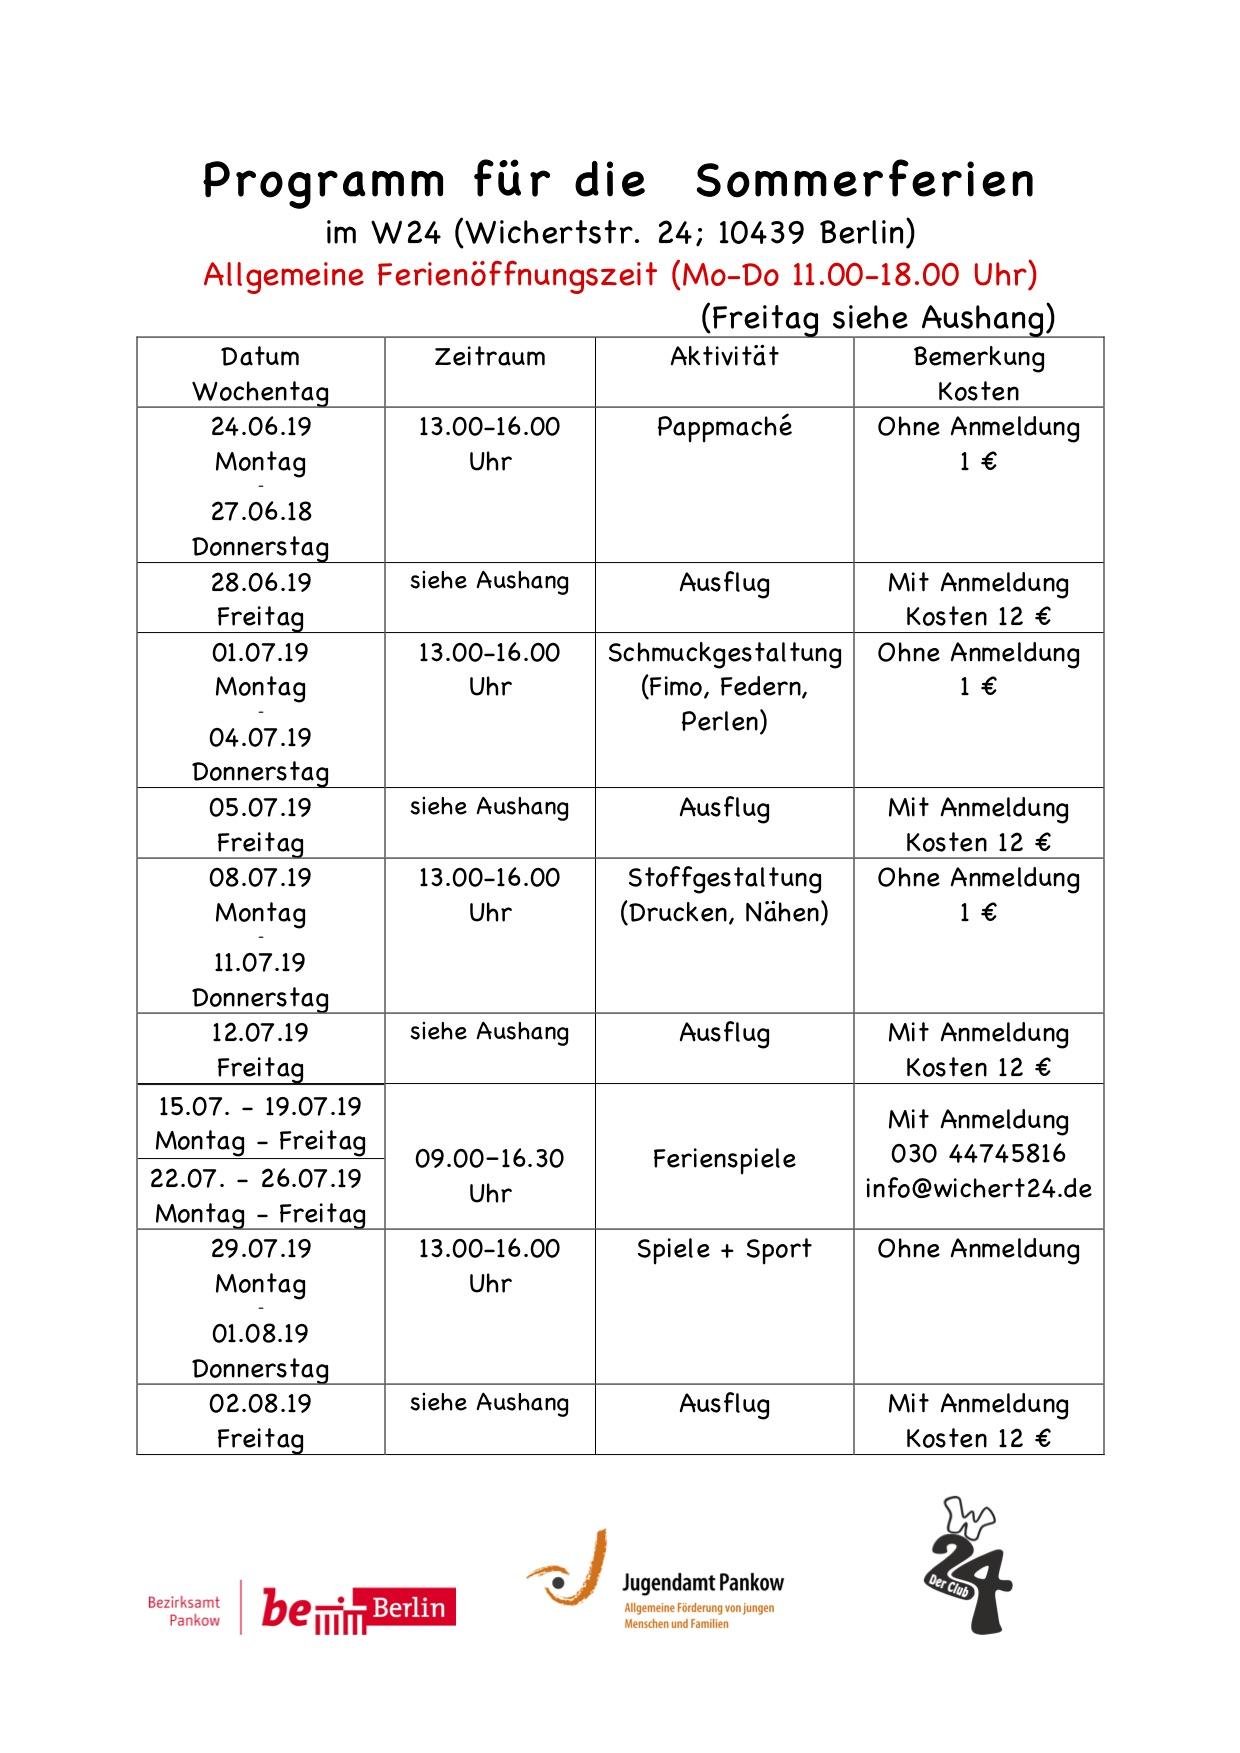 Programm für die Sommerferien2019